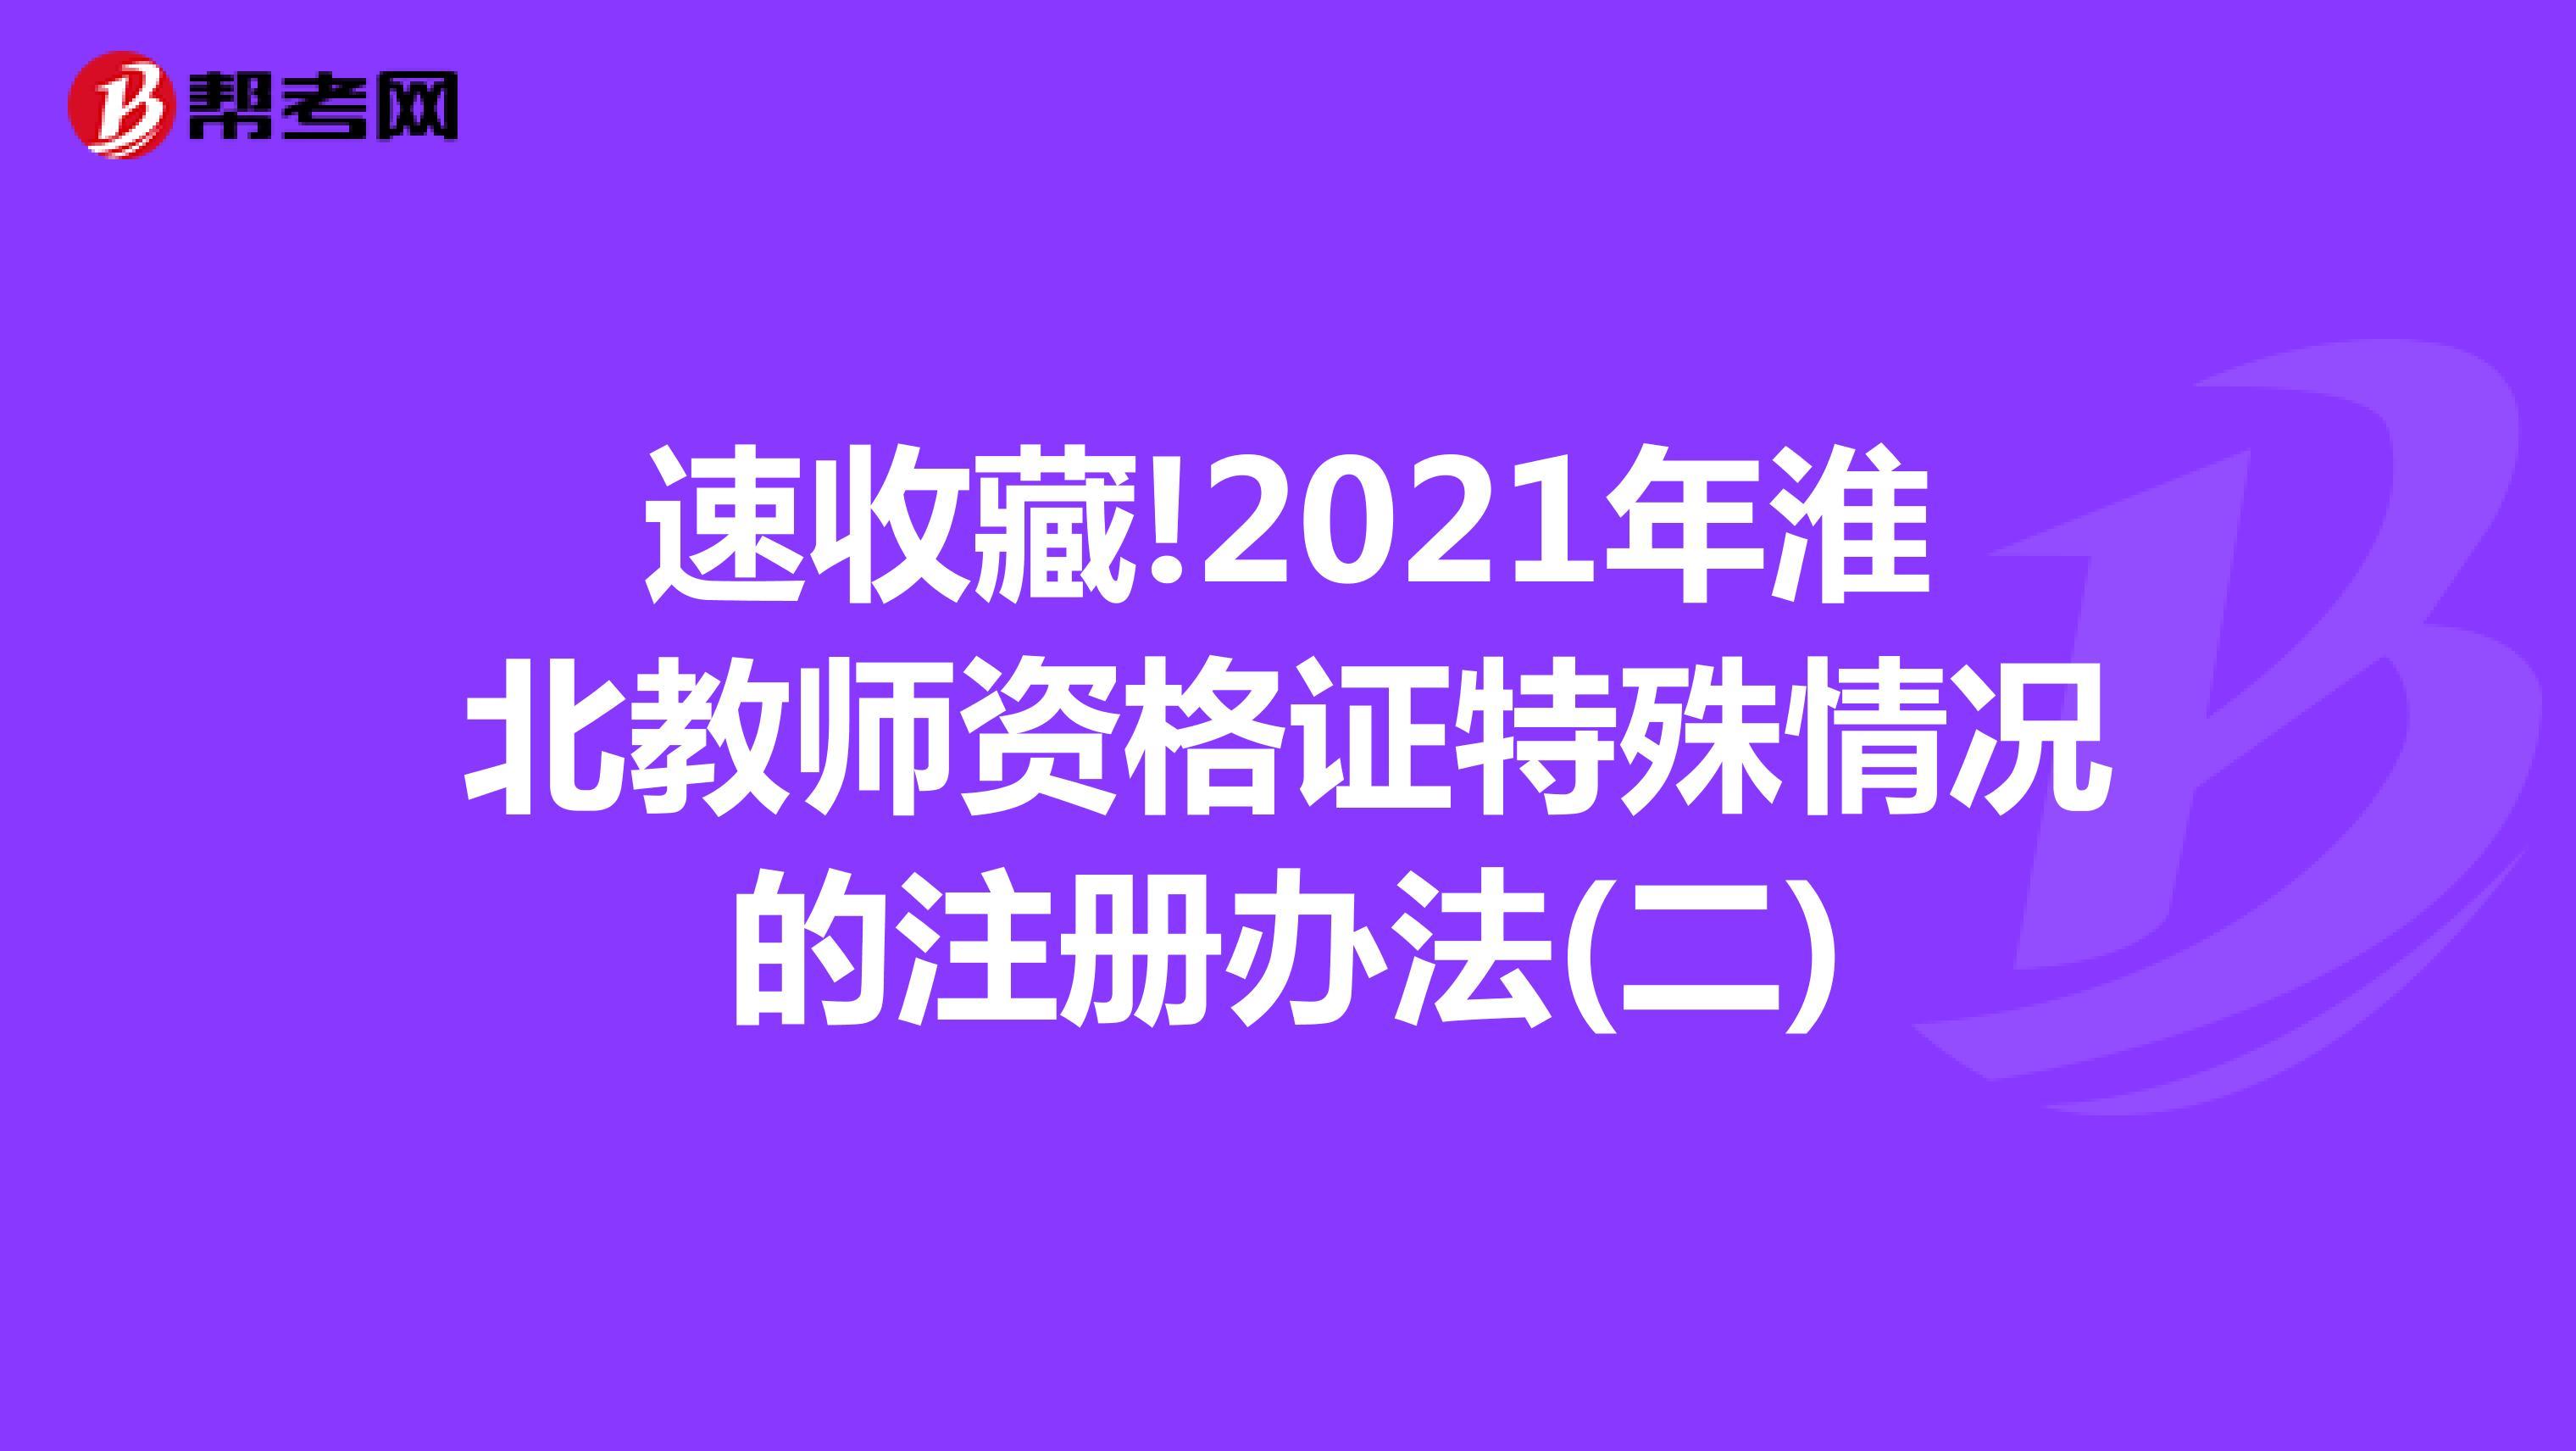 速收藏!2021年淮北教师资格证特殊情况的注册办法(二)